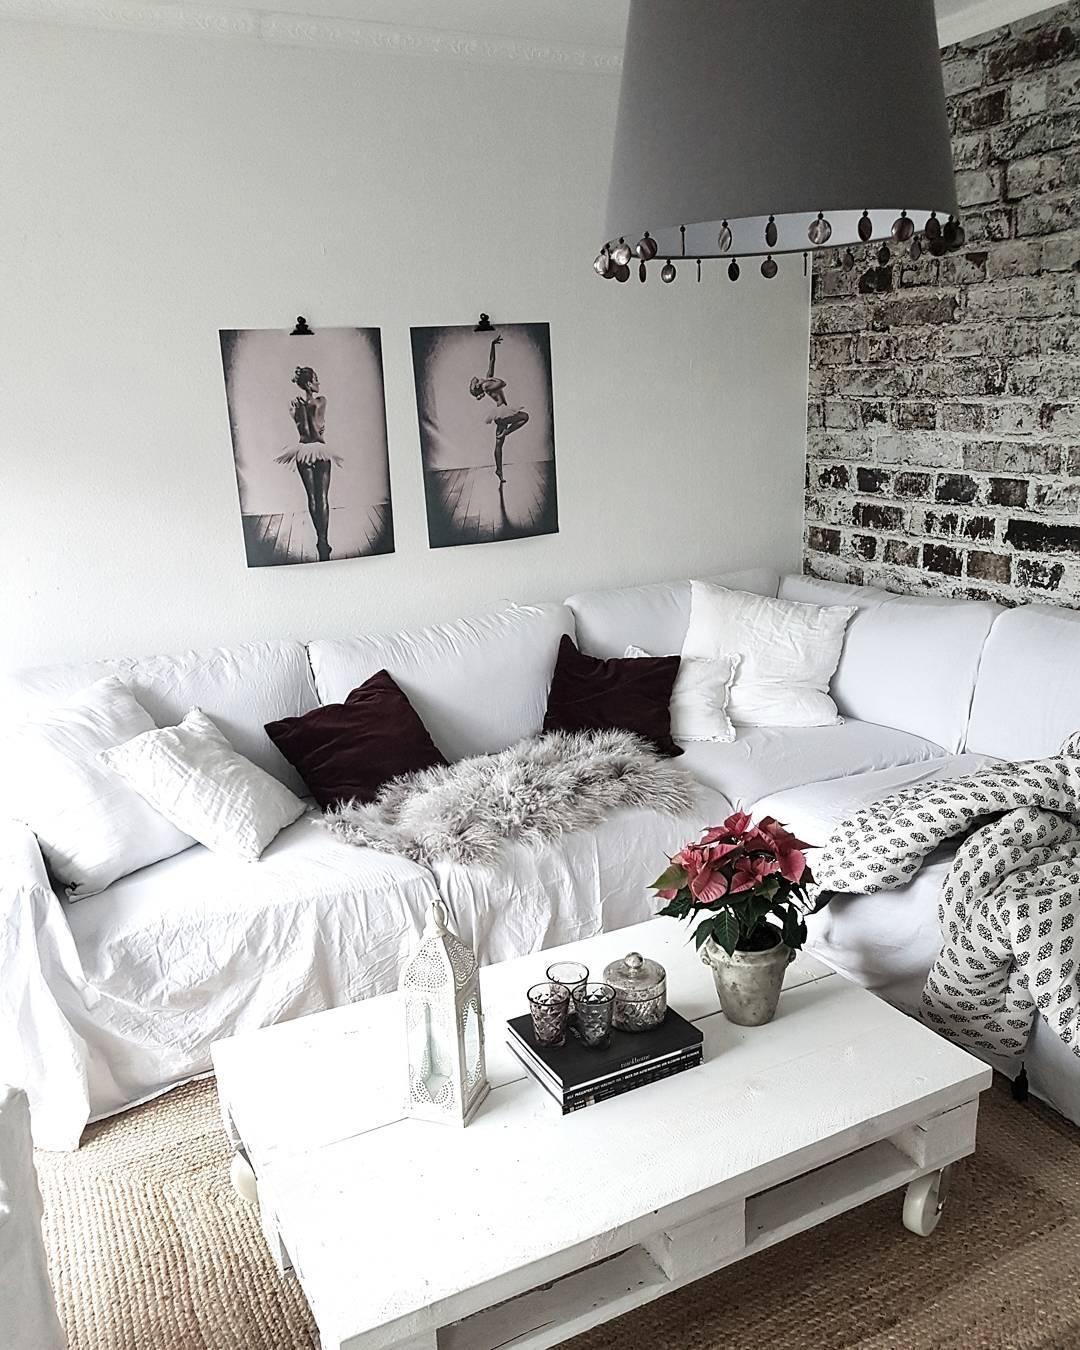 Leinen Kissen Hannelin In 2019 Kissen Decken Bed Pillows